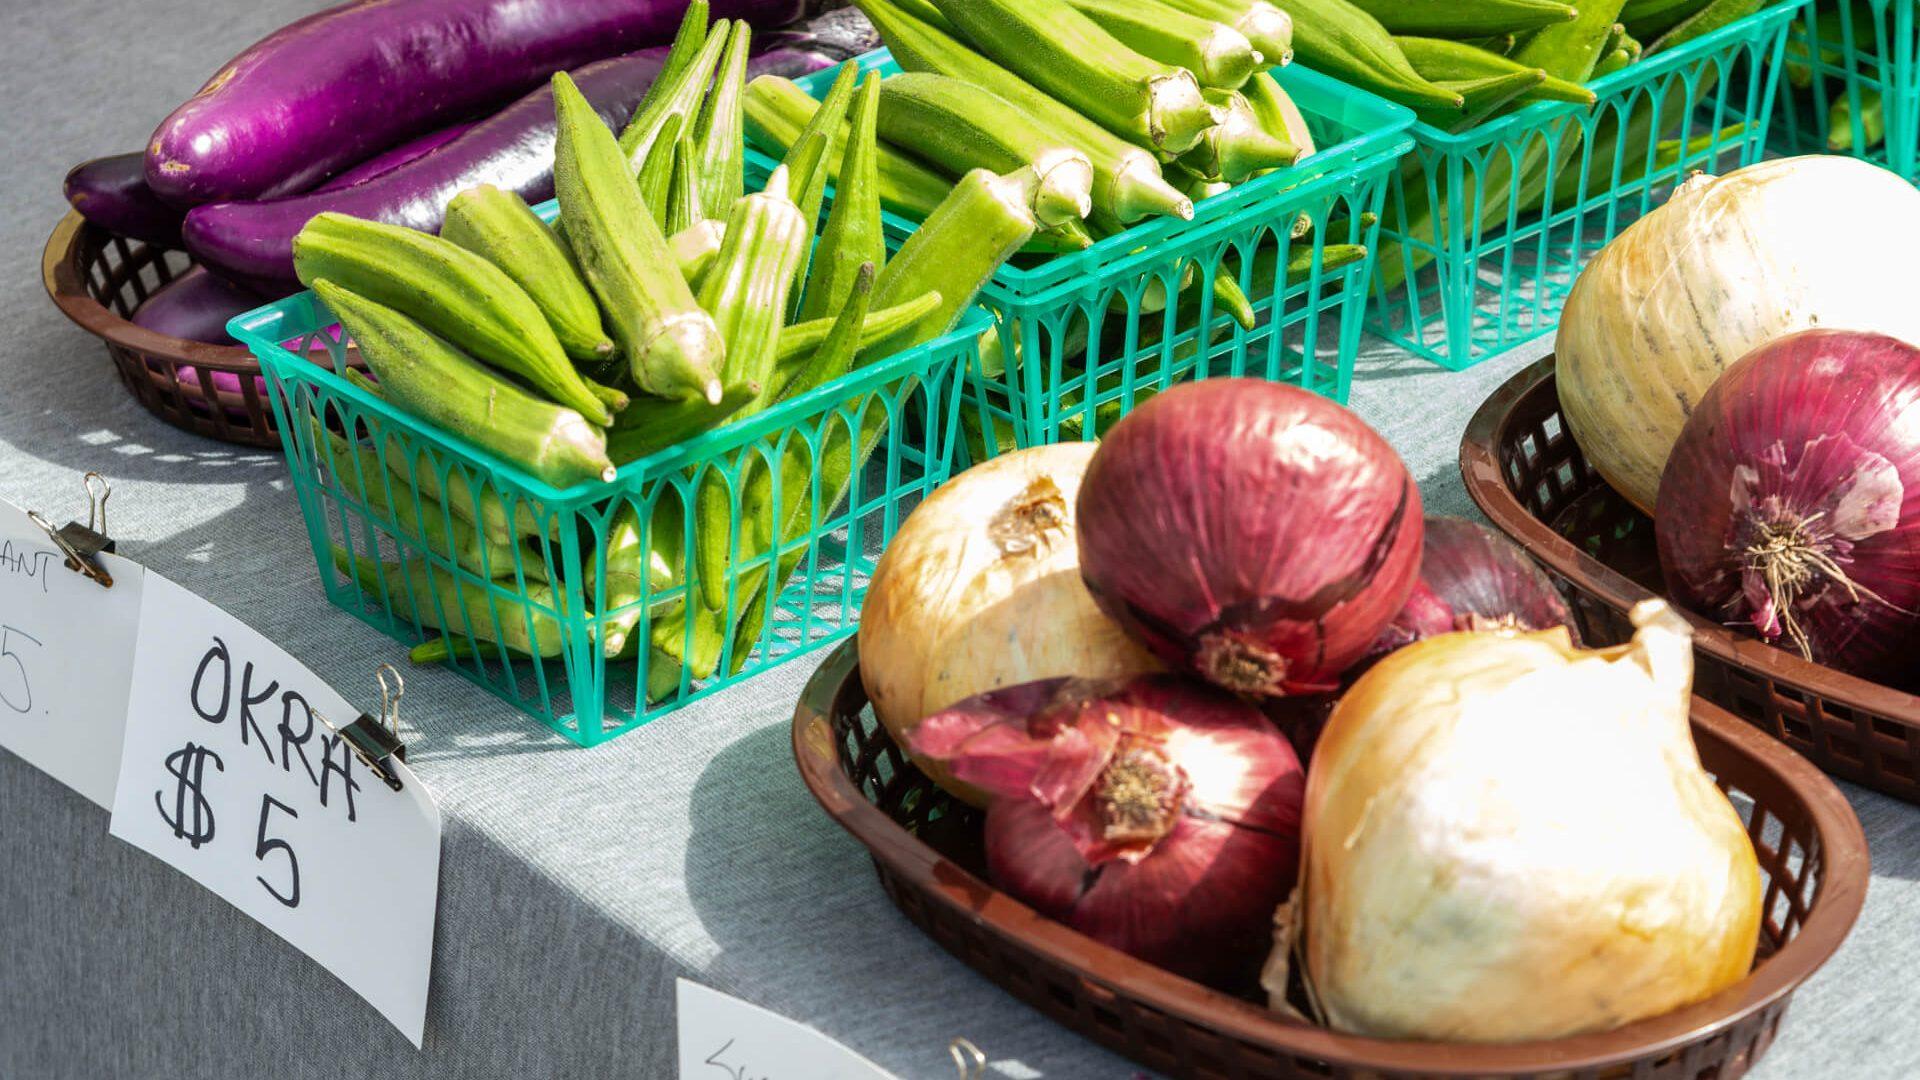 Farmers Market in Fayetteville